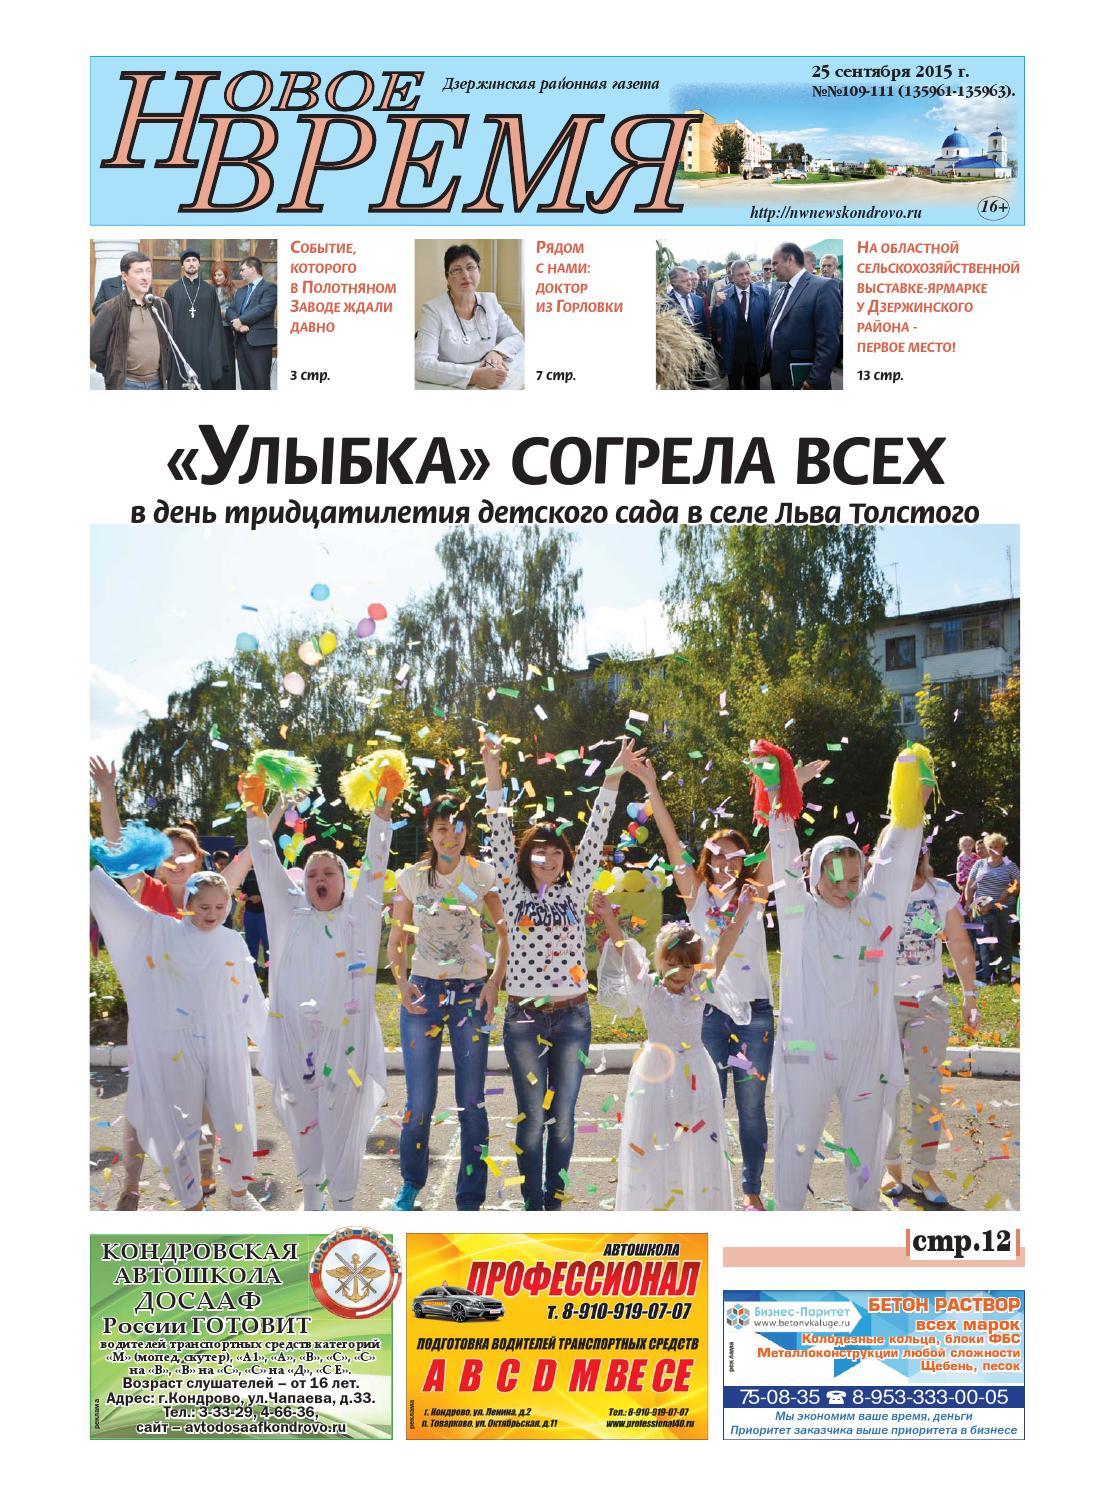 бланк заявления на очередь в детский сад vfkjzhjckfdtw